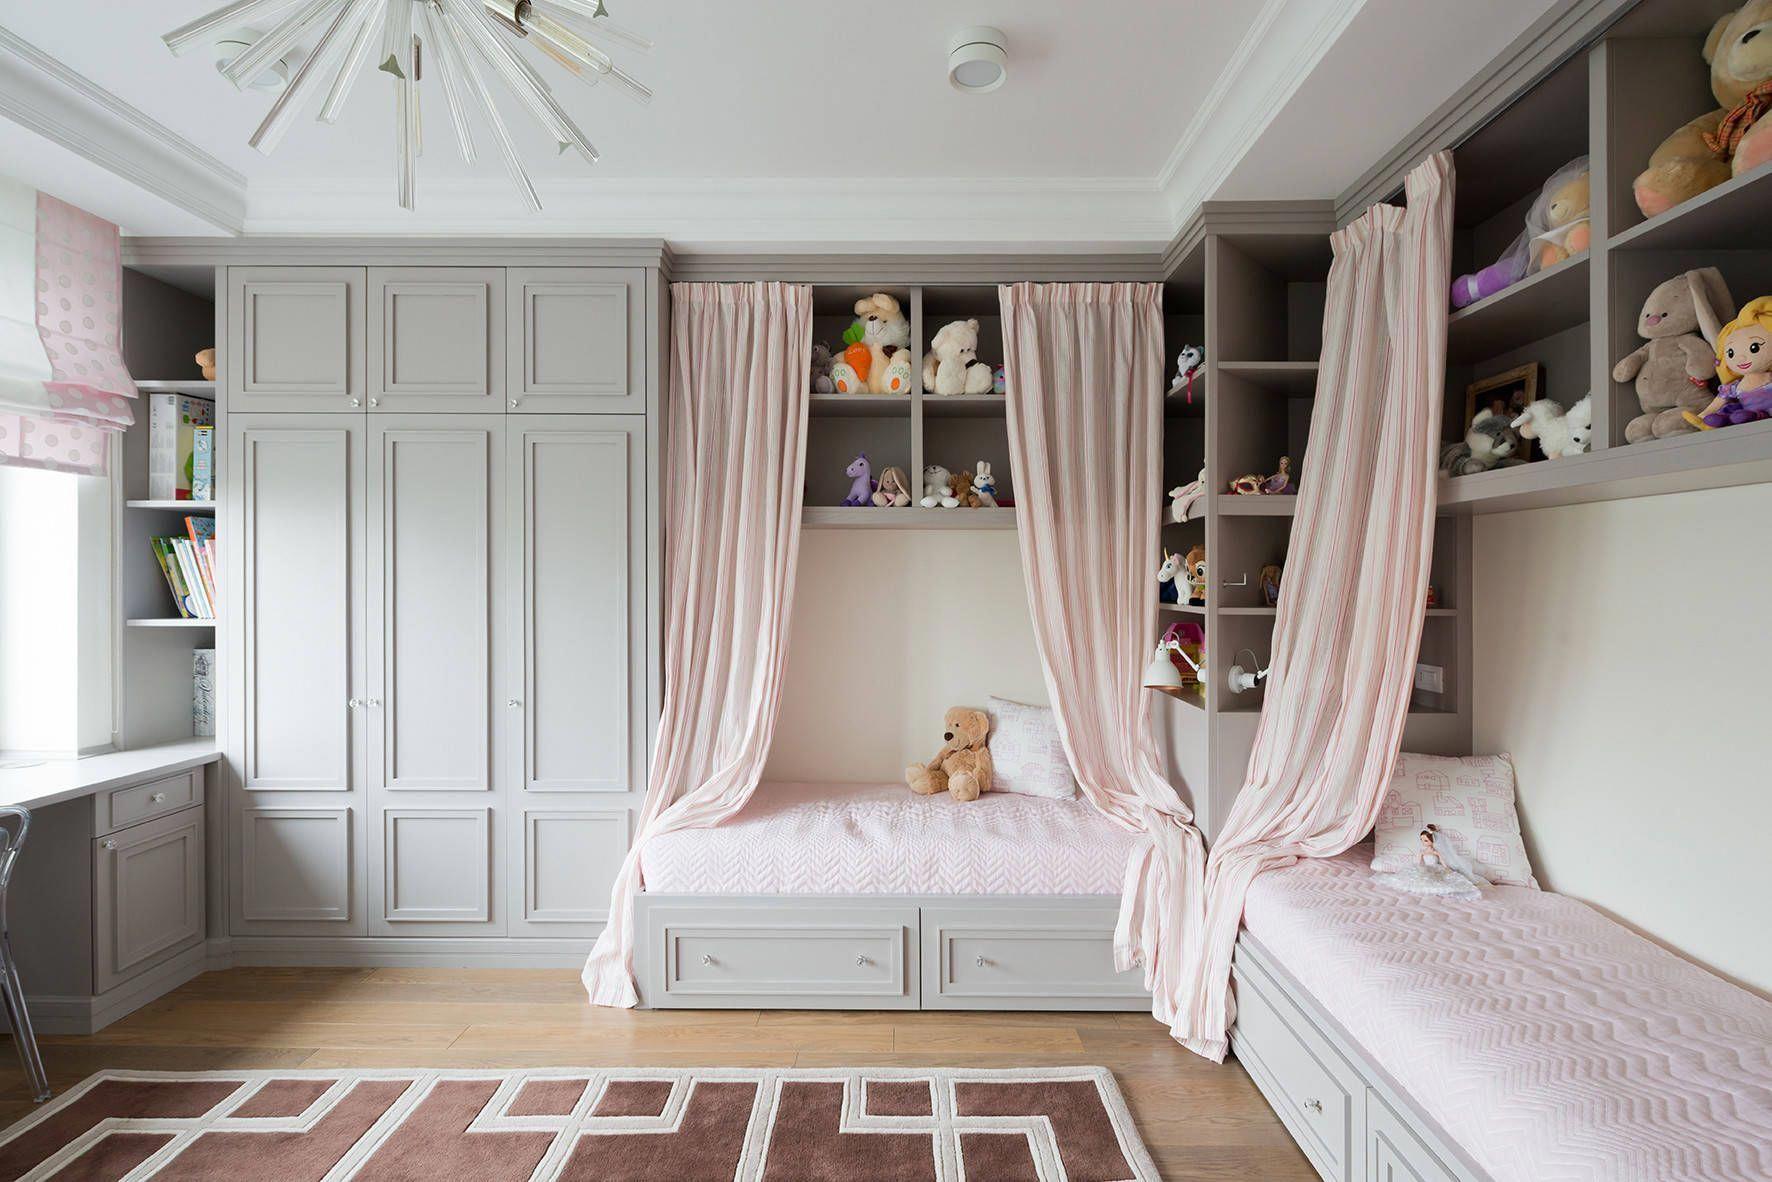 35 Kids Rooms That Are Amazing Girlsbedroom In 2020 Kinderzimmer Dekor Schlafzimmer Einrichten Innenarchitektur Schlafzimmer